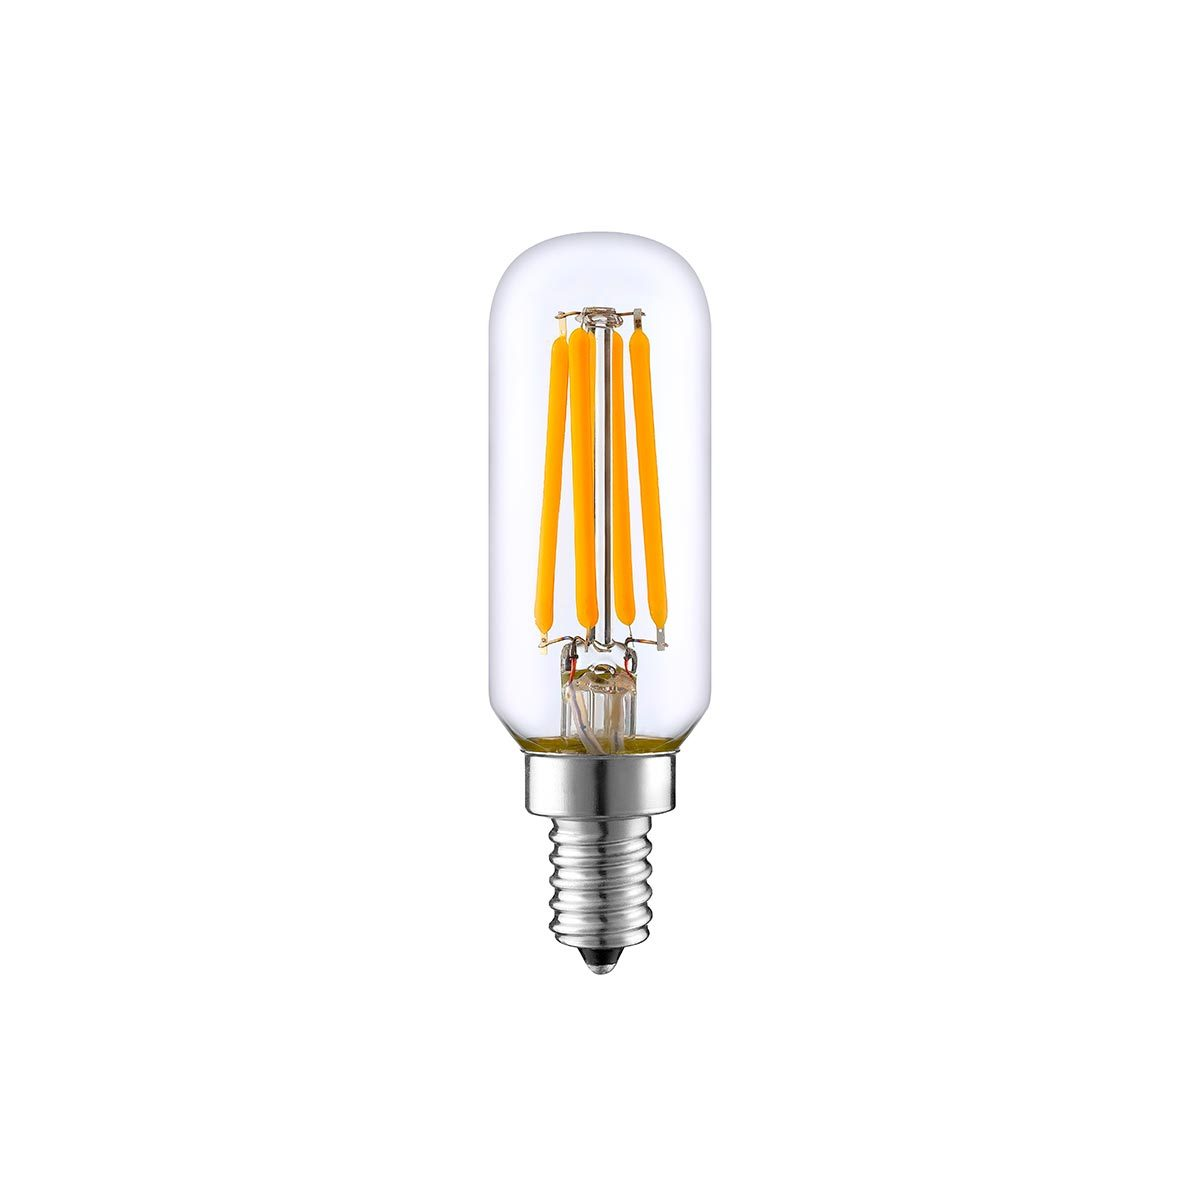 Ampoule LED E27 filament verre transparent H9cm